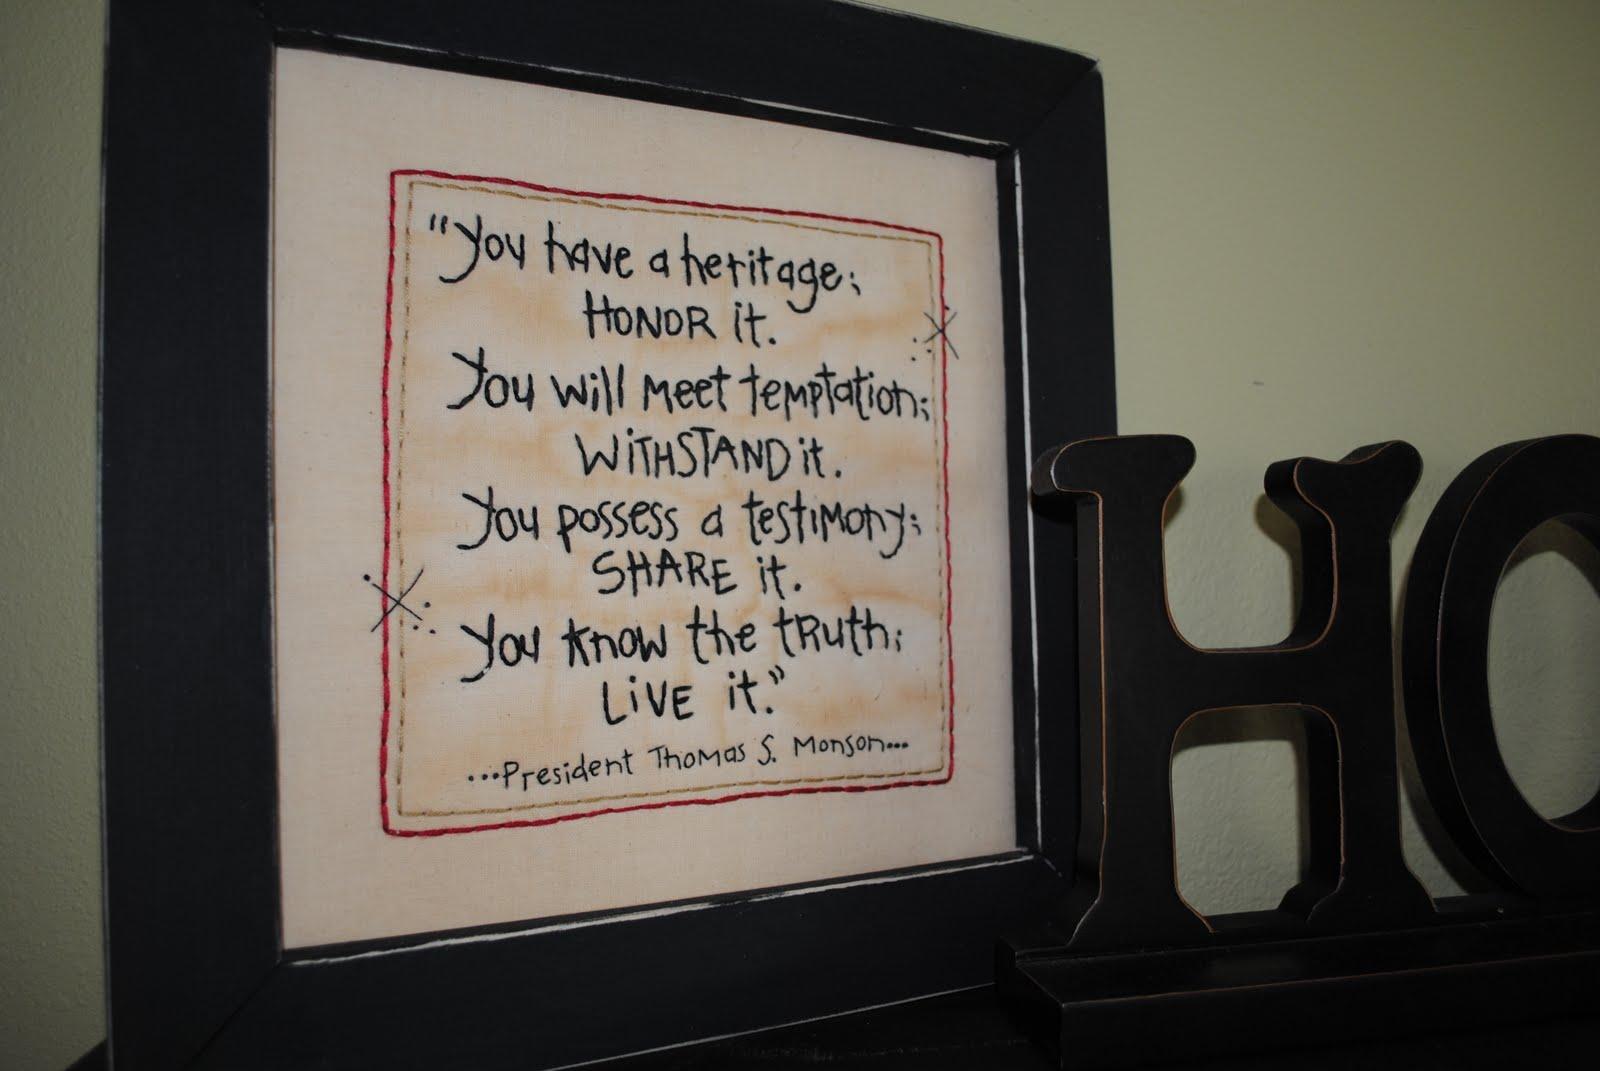 Thomas S. Monson's quote #7